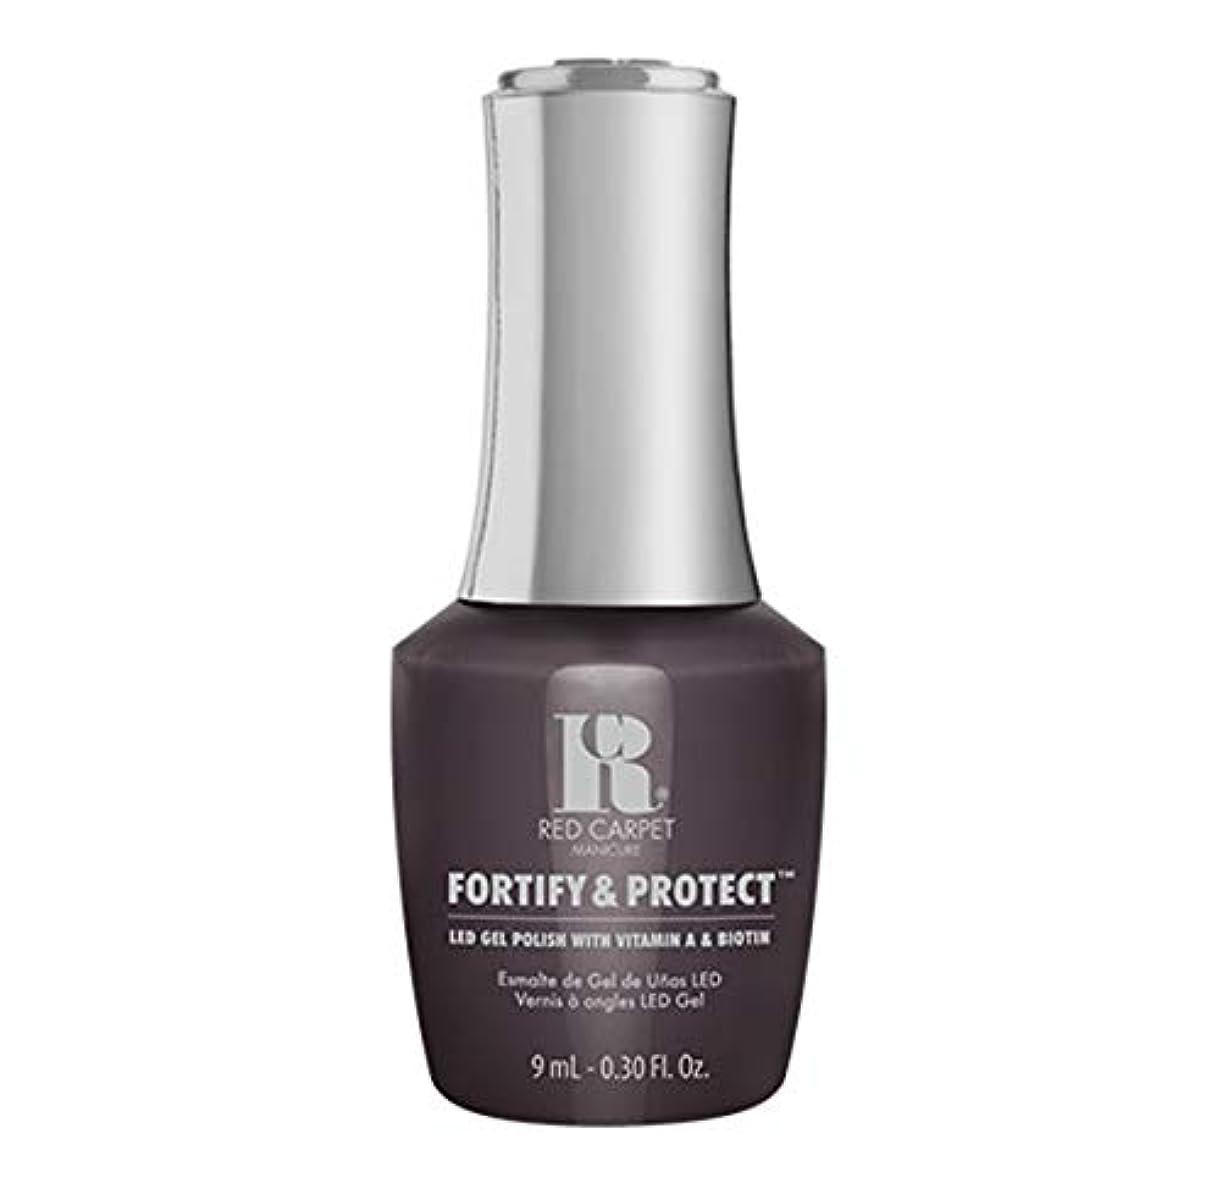 バタフライ神助言Red Carpet Manicure - Fortify & Protect - Snap A Photo - 9ml / 0.30oz